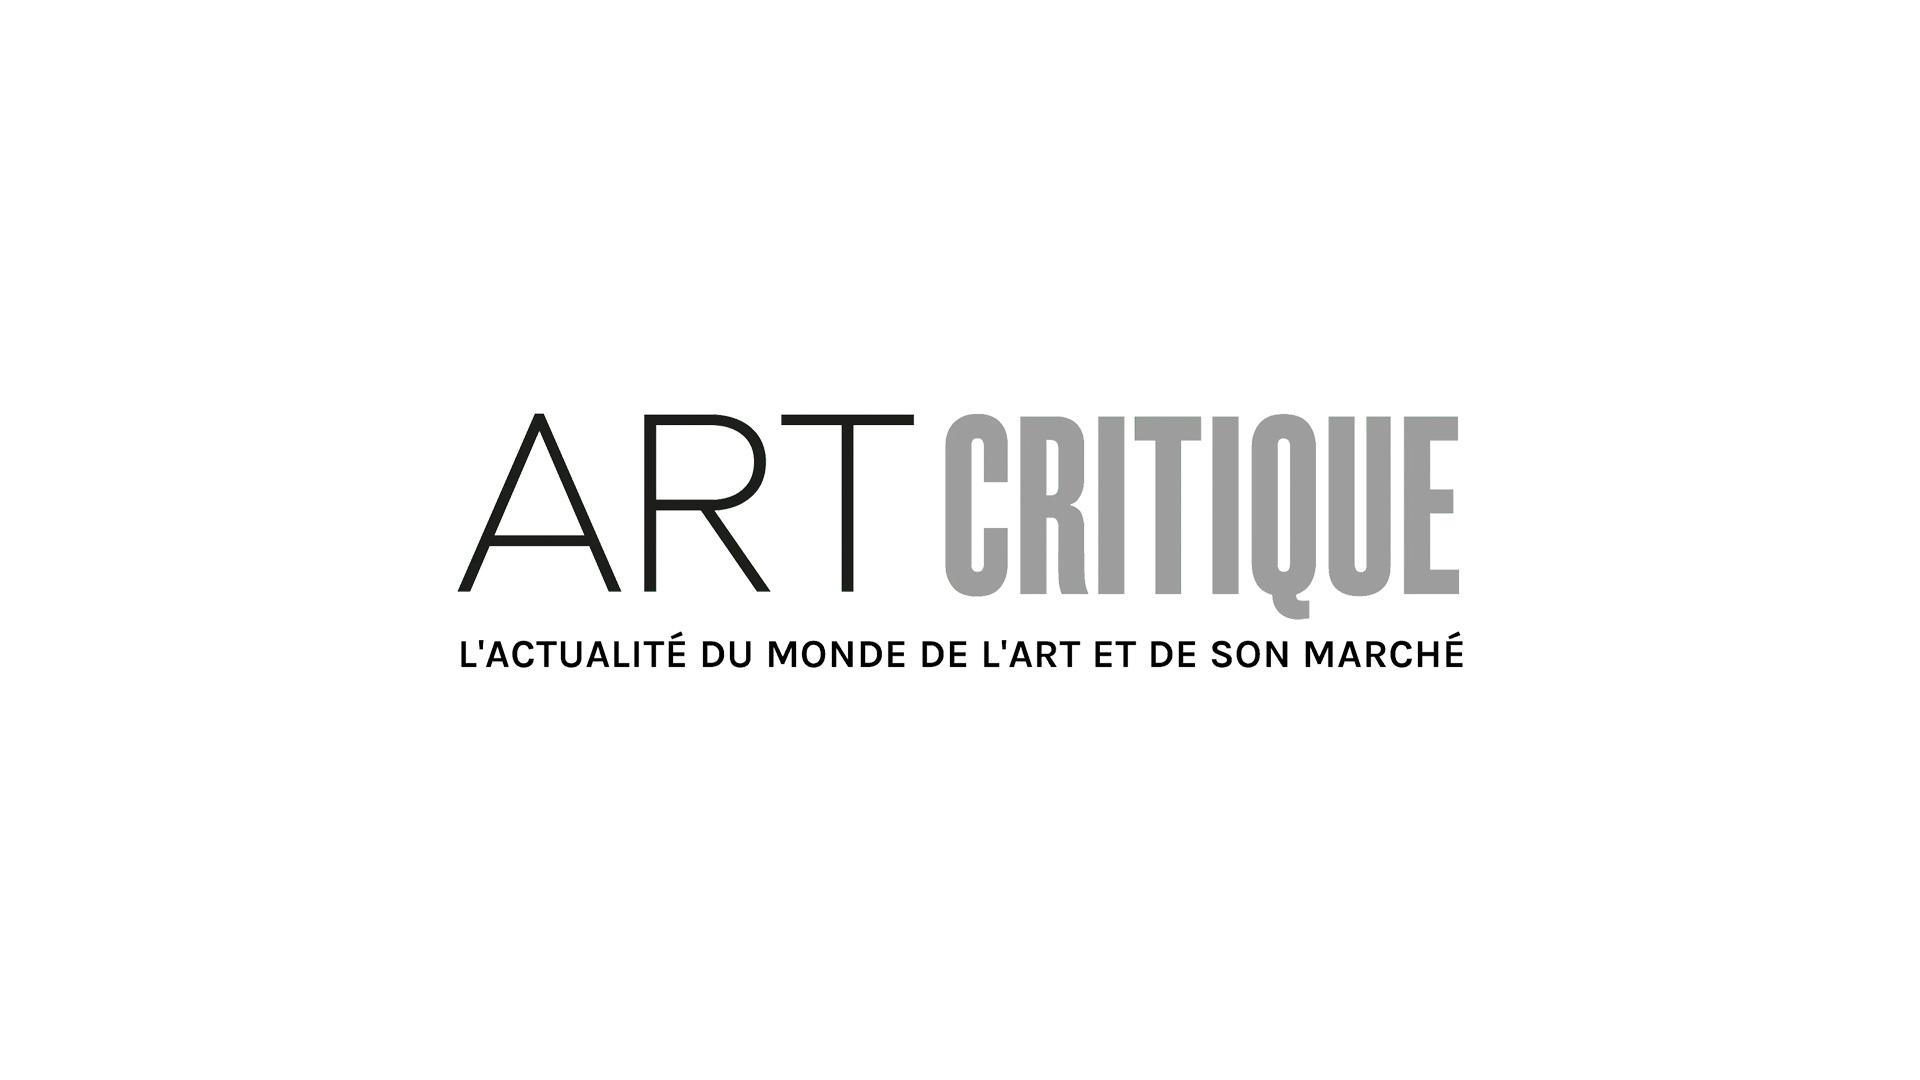 Le Musée Marmottan-Monet rouvre ses portes en compagnie de Cézanne